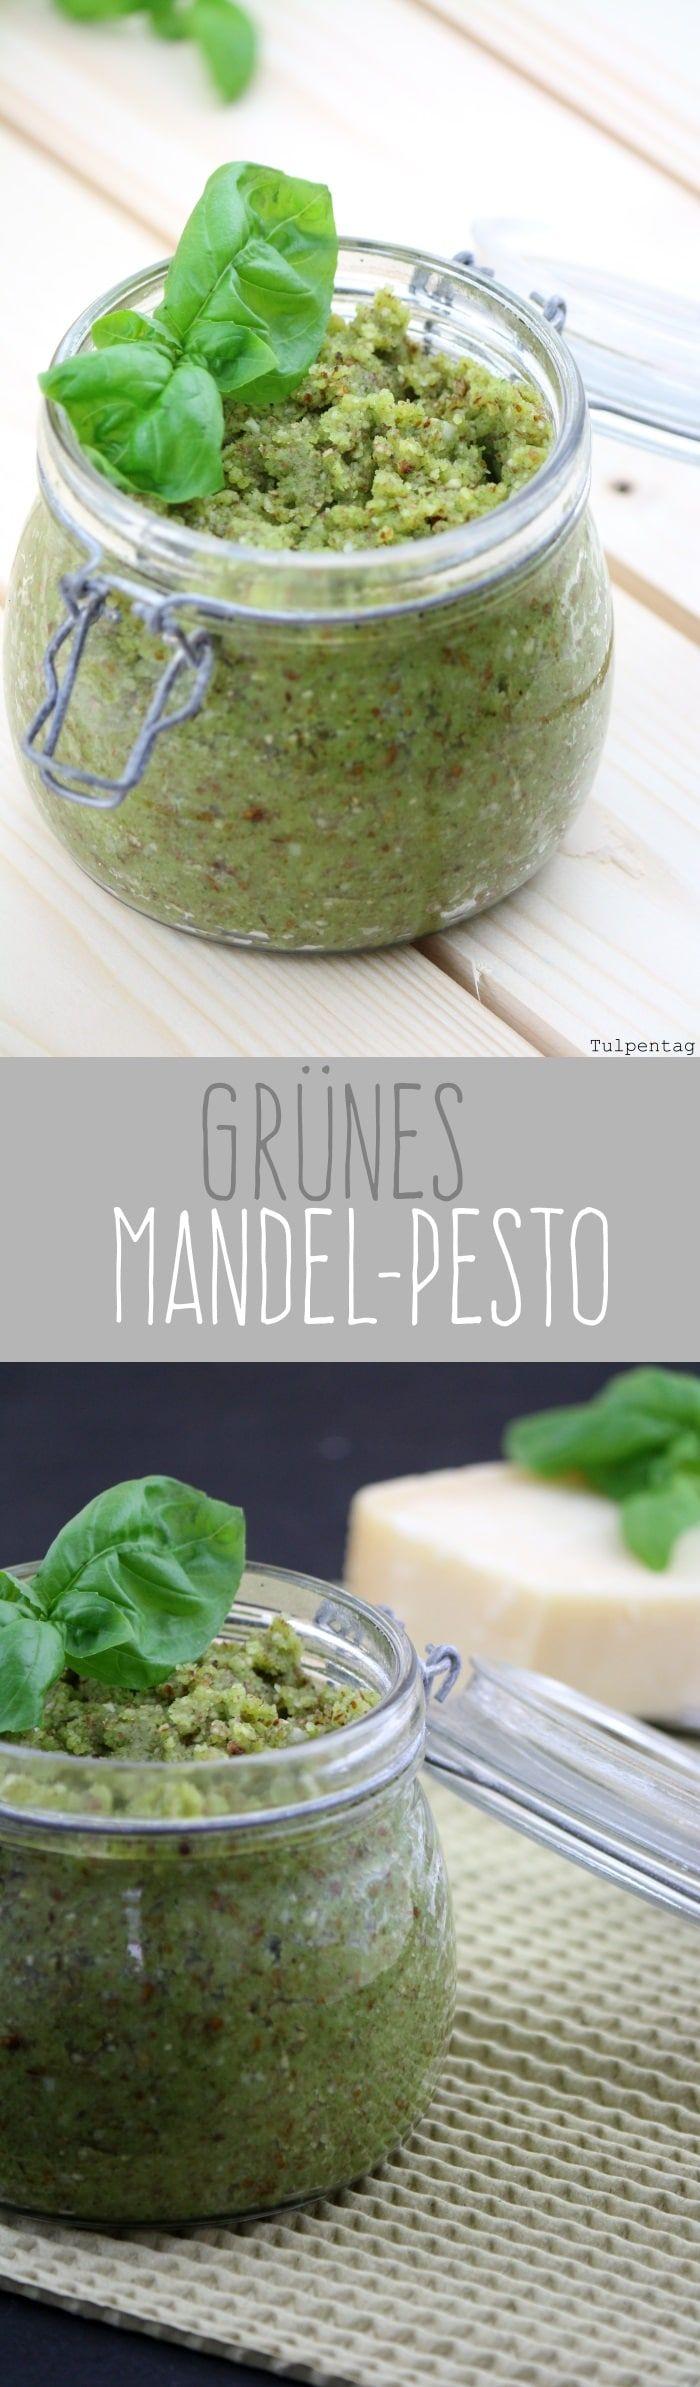 Grünes Pesto mit Mandeln und Basilikum grün schnell Rezept einfach